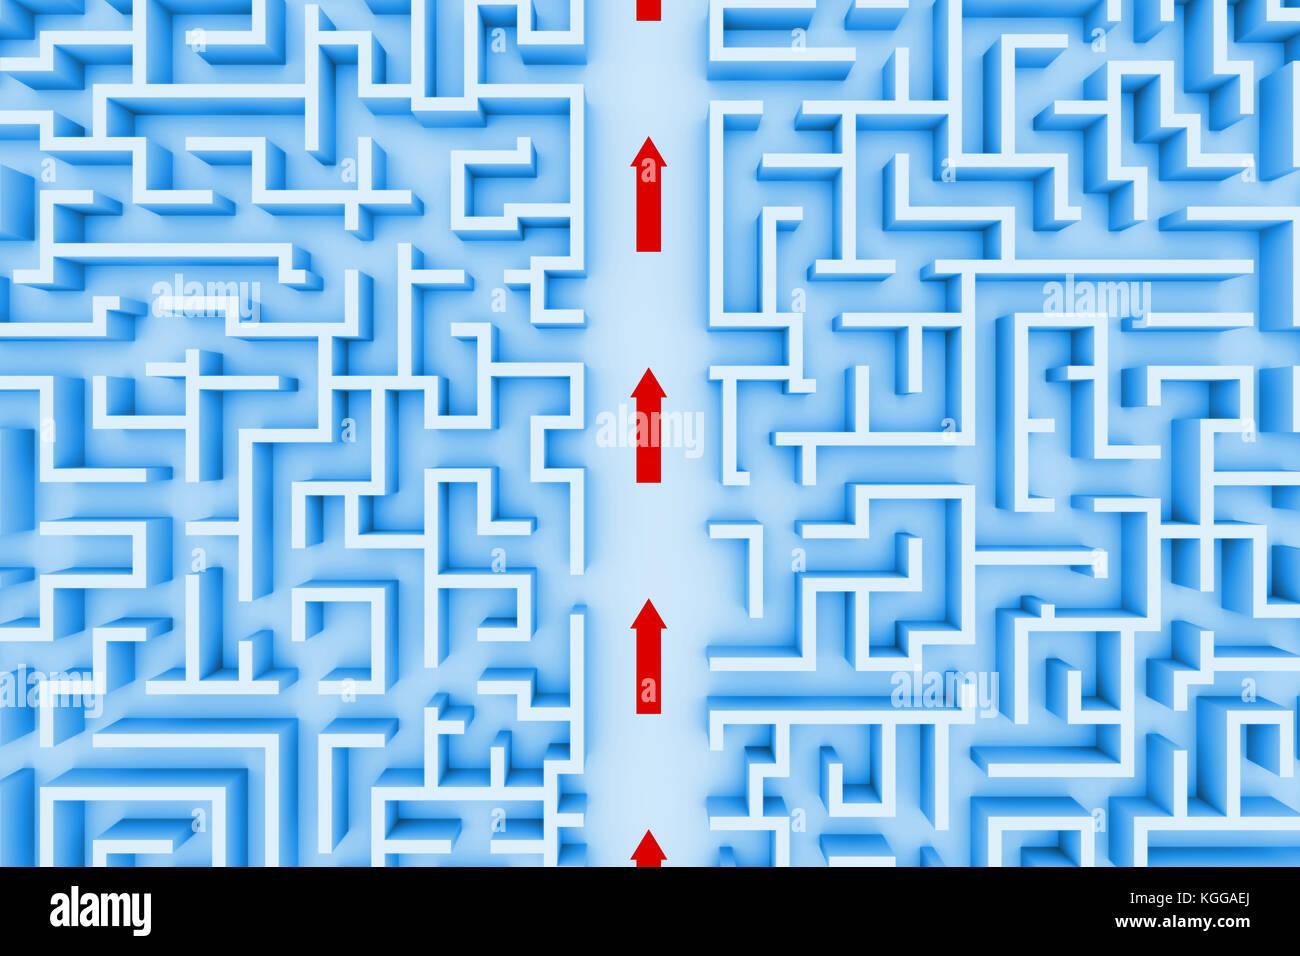 Labyrinthe énorme structure, des flèches rouges montrant raccourci dans le labyrinthe (bleu 3d illustration) Photo Stock